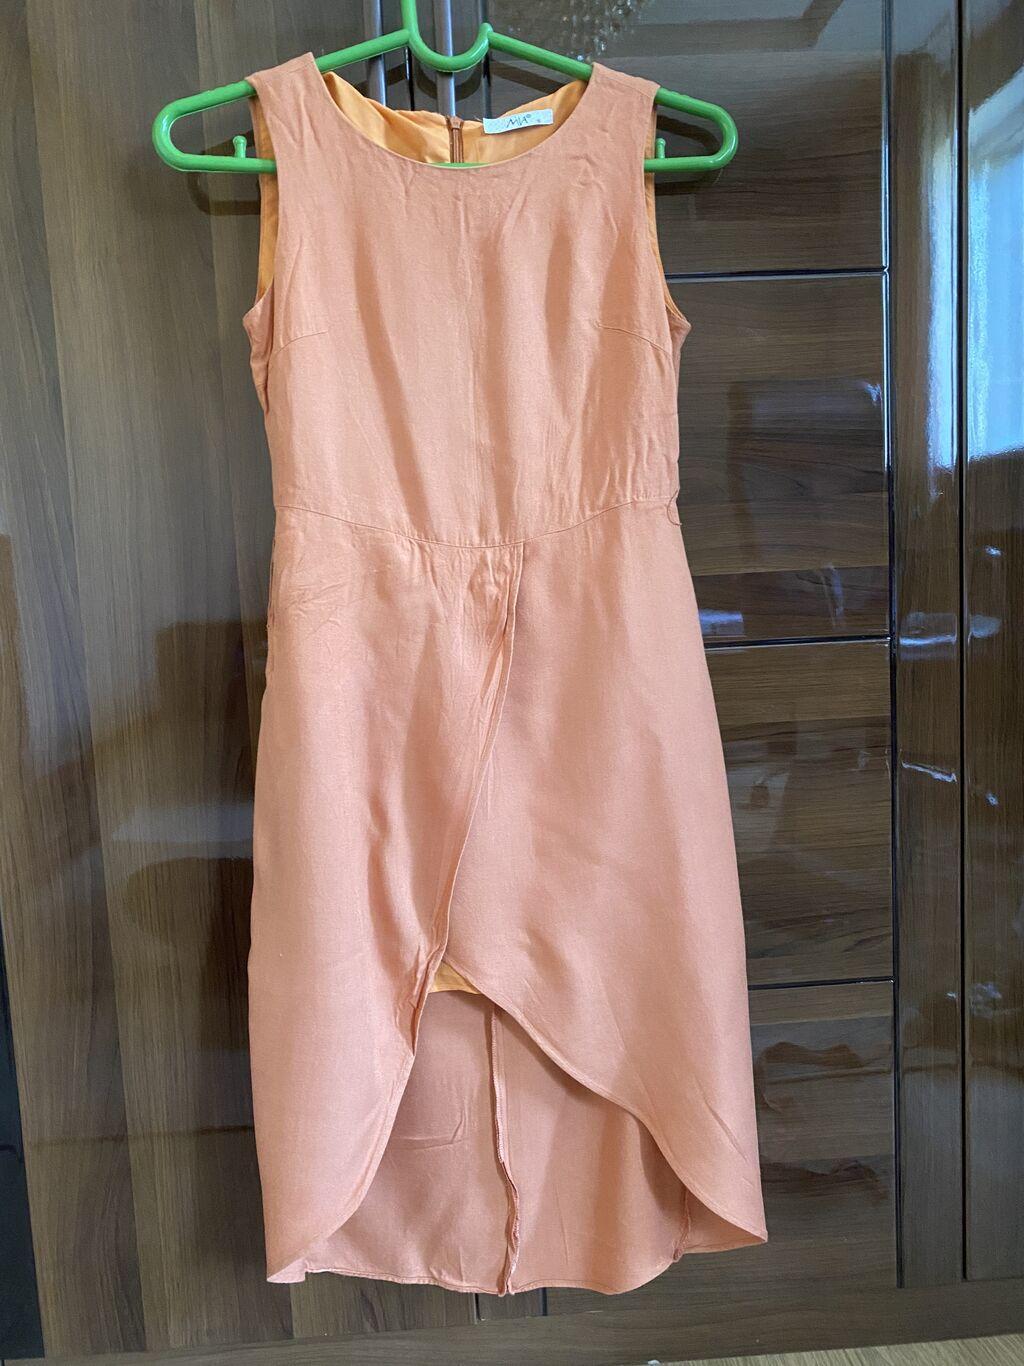 Платье от Miaразмер S.Состояние отличное,было надето пару раз